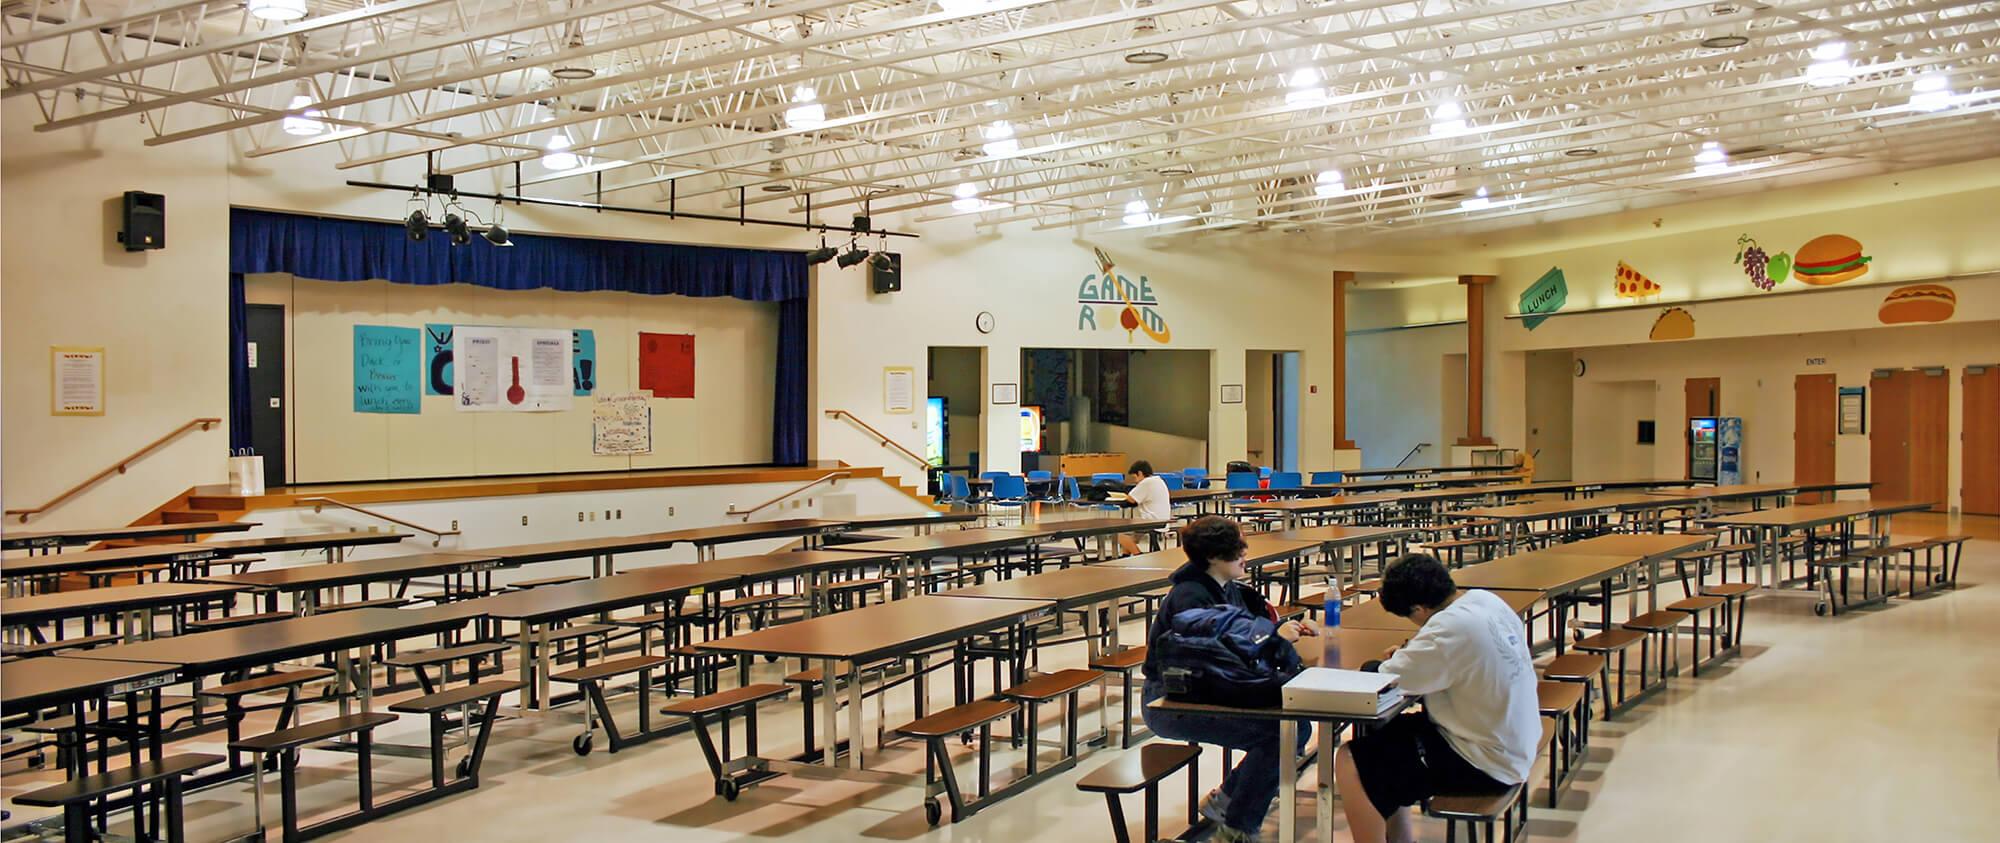 Conestoga Middle School Renovation General Contractor